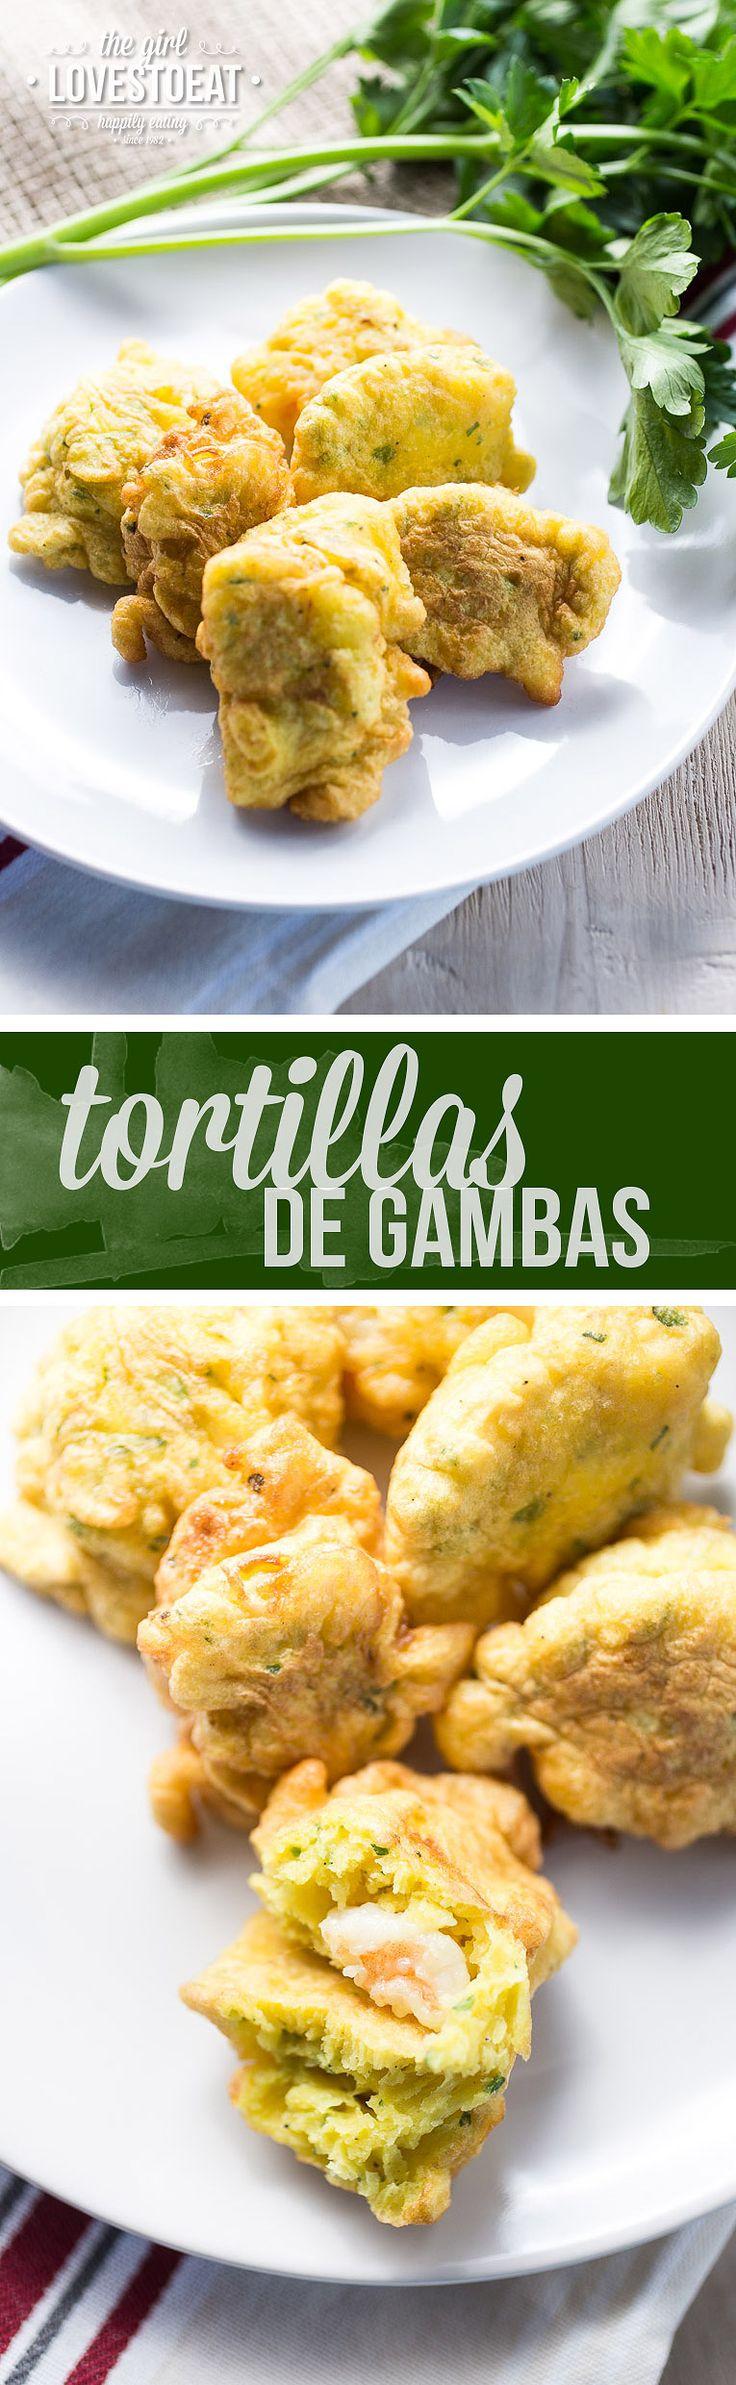 Tortillas de gambas - Spanish shrimp fritters {thegirllovestoeat.com}